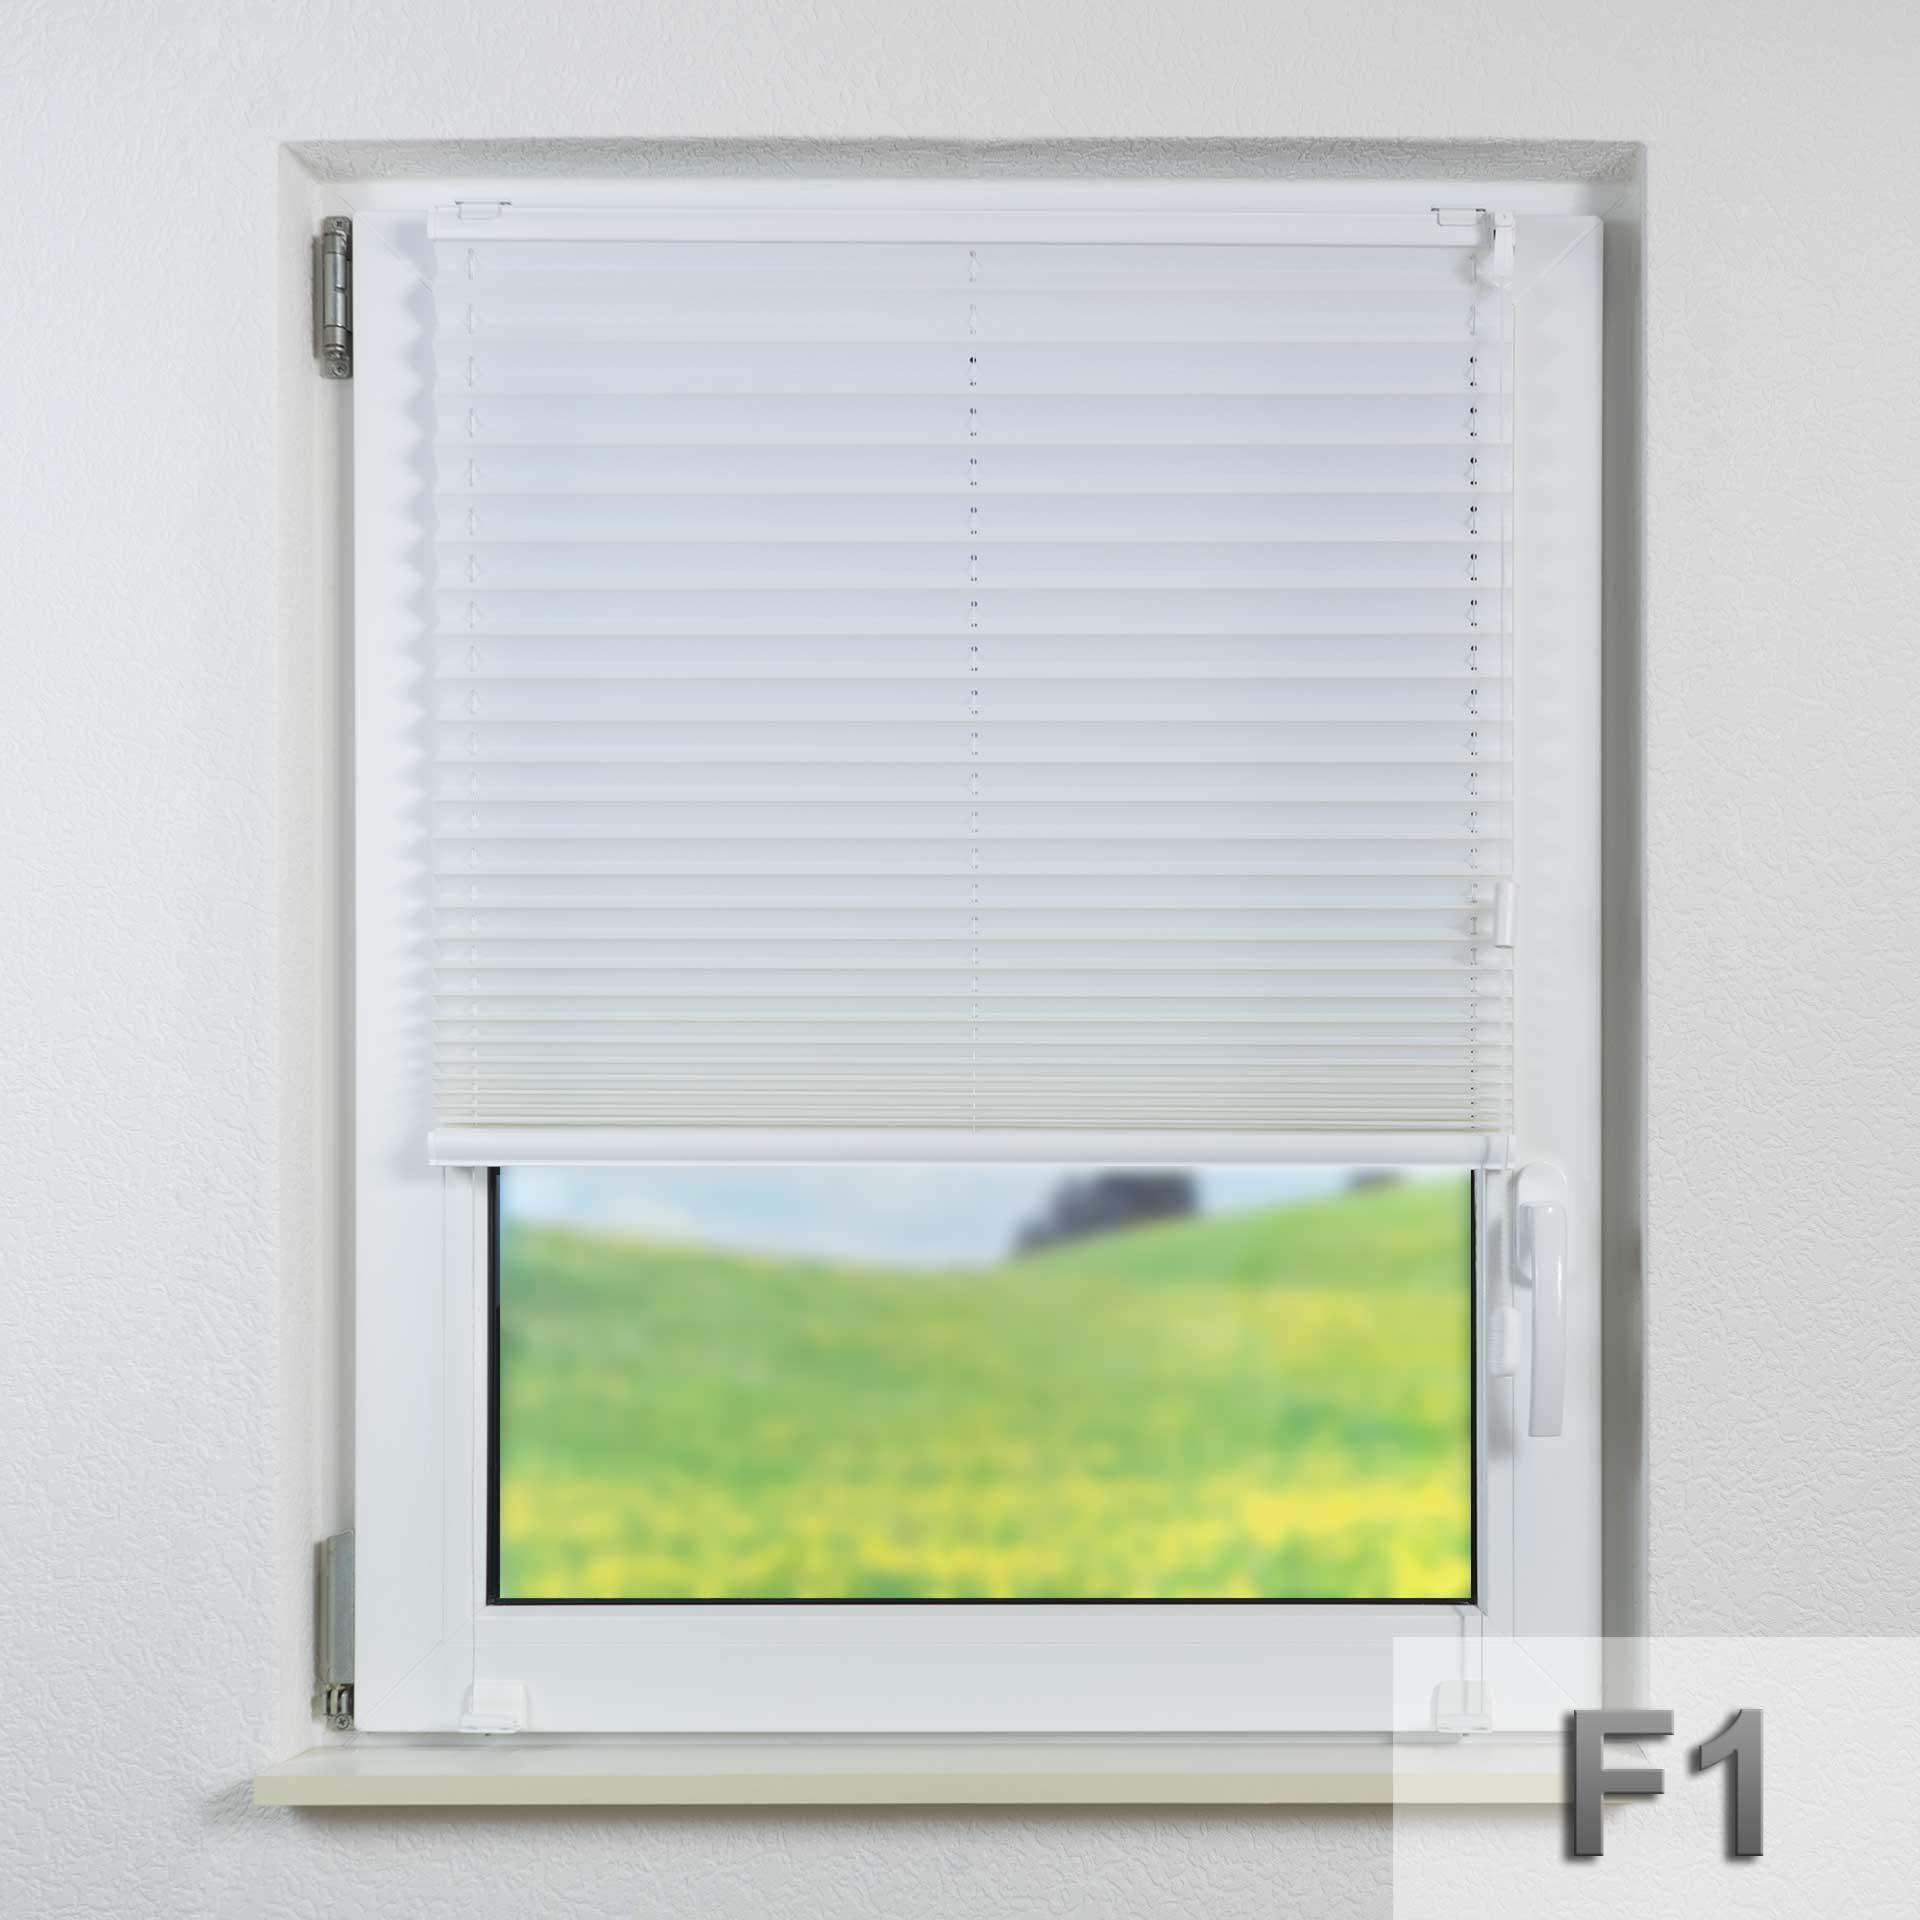 Sonnenschutz-Plissee F1 für Fenster | Fertigung auf Maß | mit Zugschnur